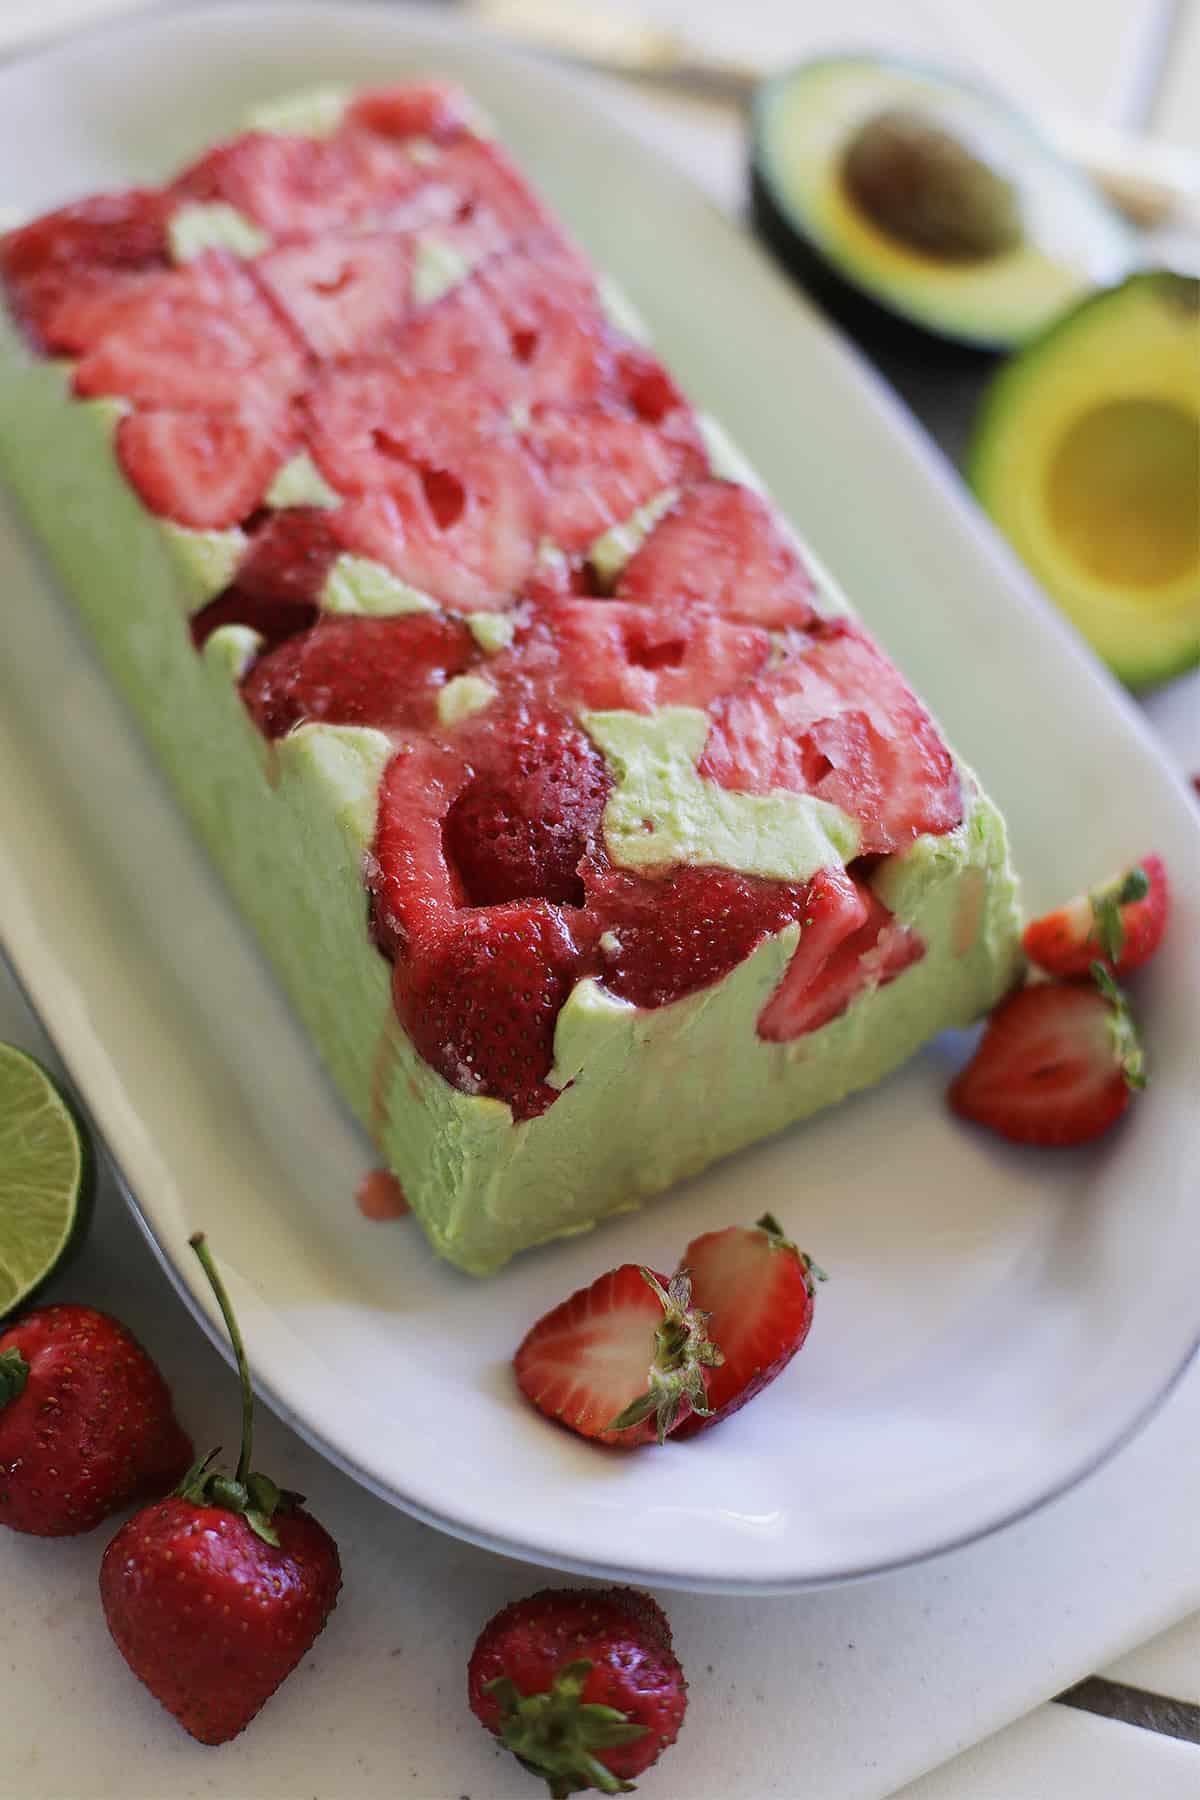 Avocado Coconut Strawberry Semifreddo recipe